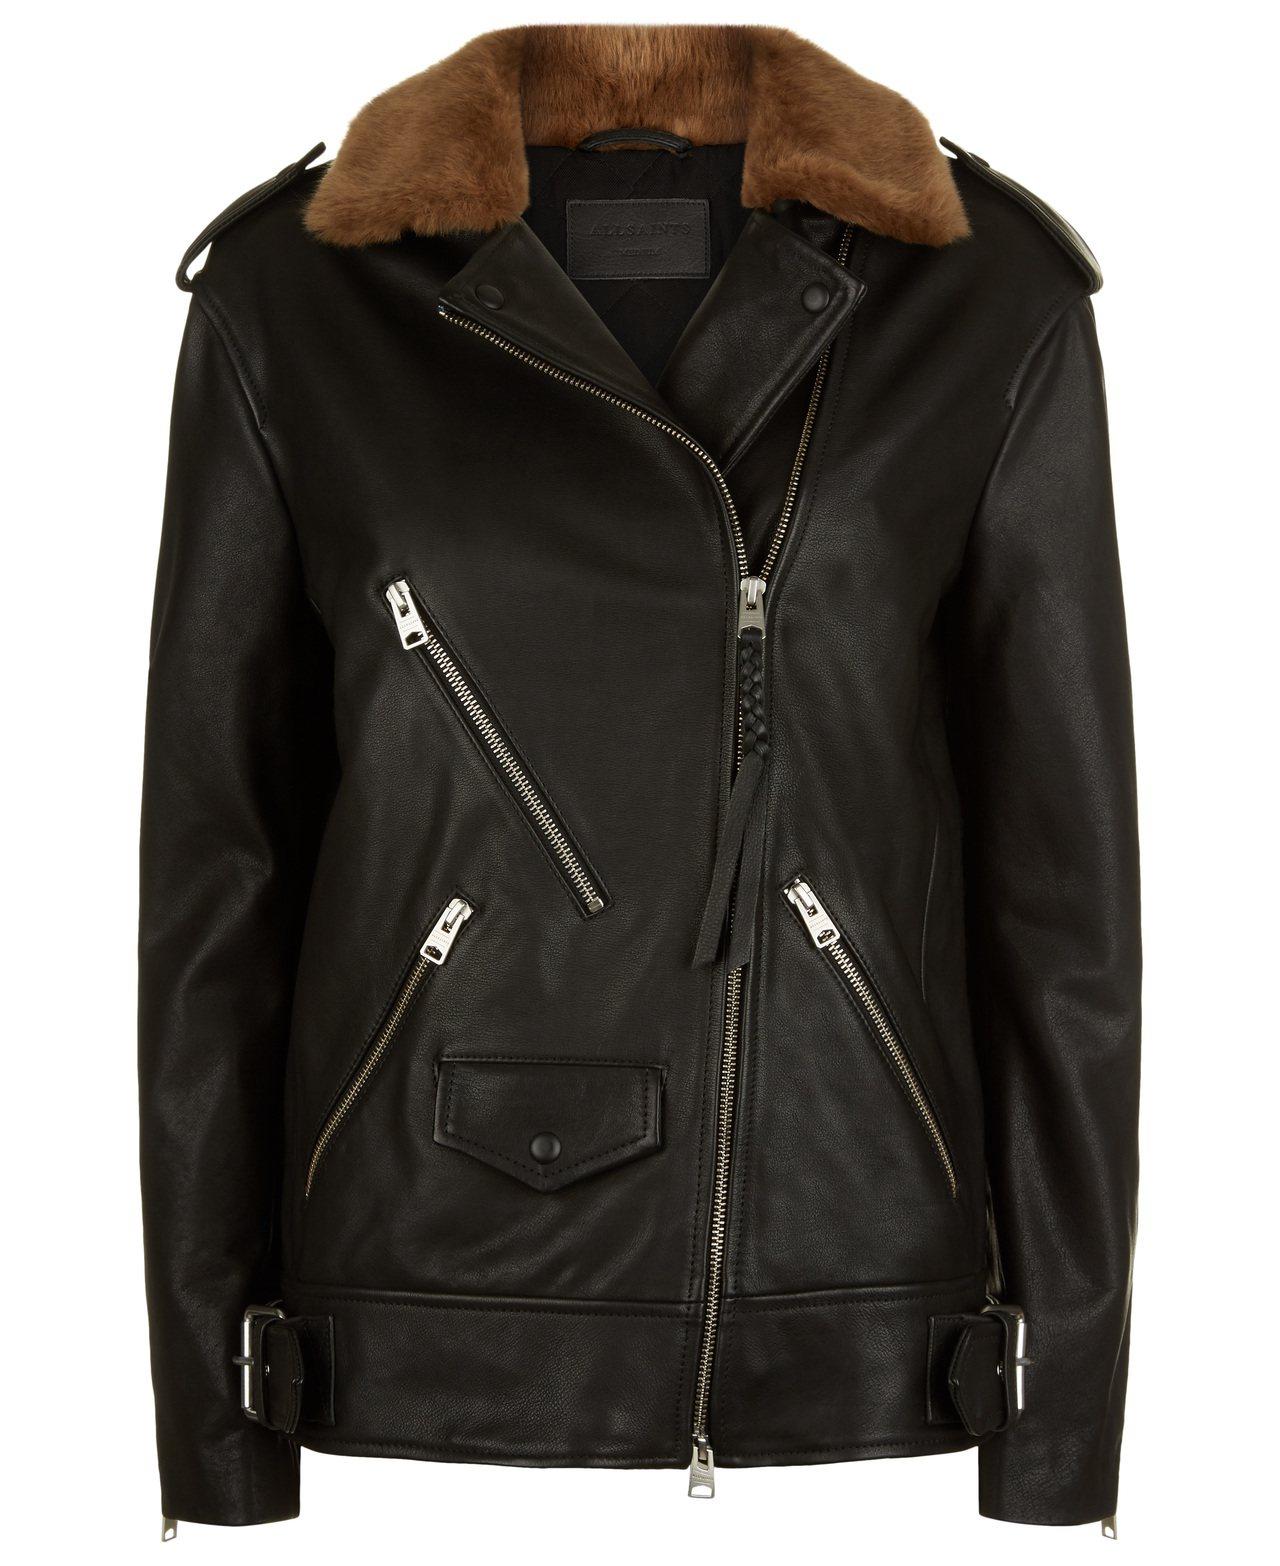 周子瑜款AllSaints Sherwood翻毛領騎士夾克,售價23,900元。...